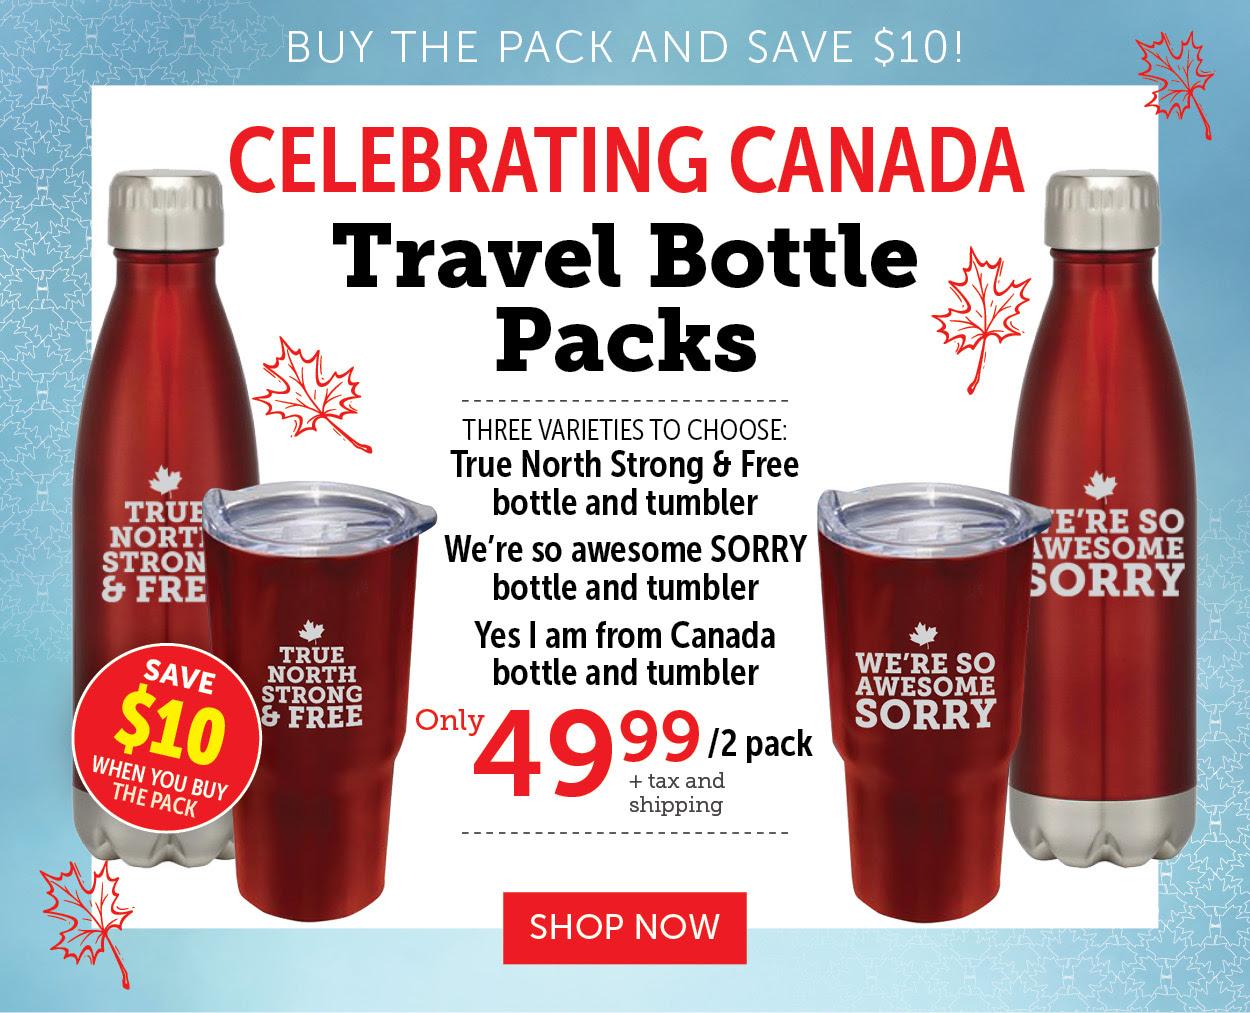 Canada Travel Bottle Packs